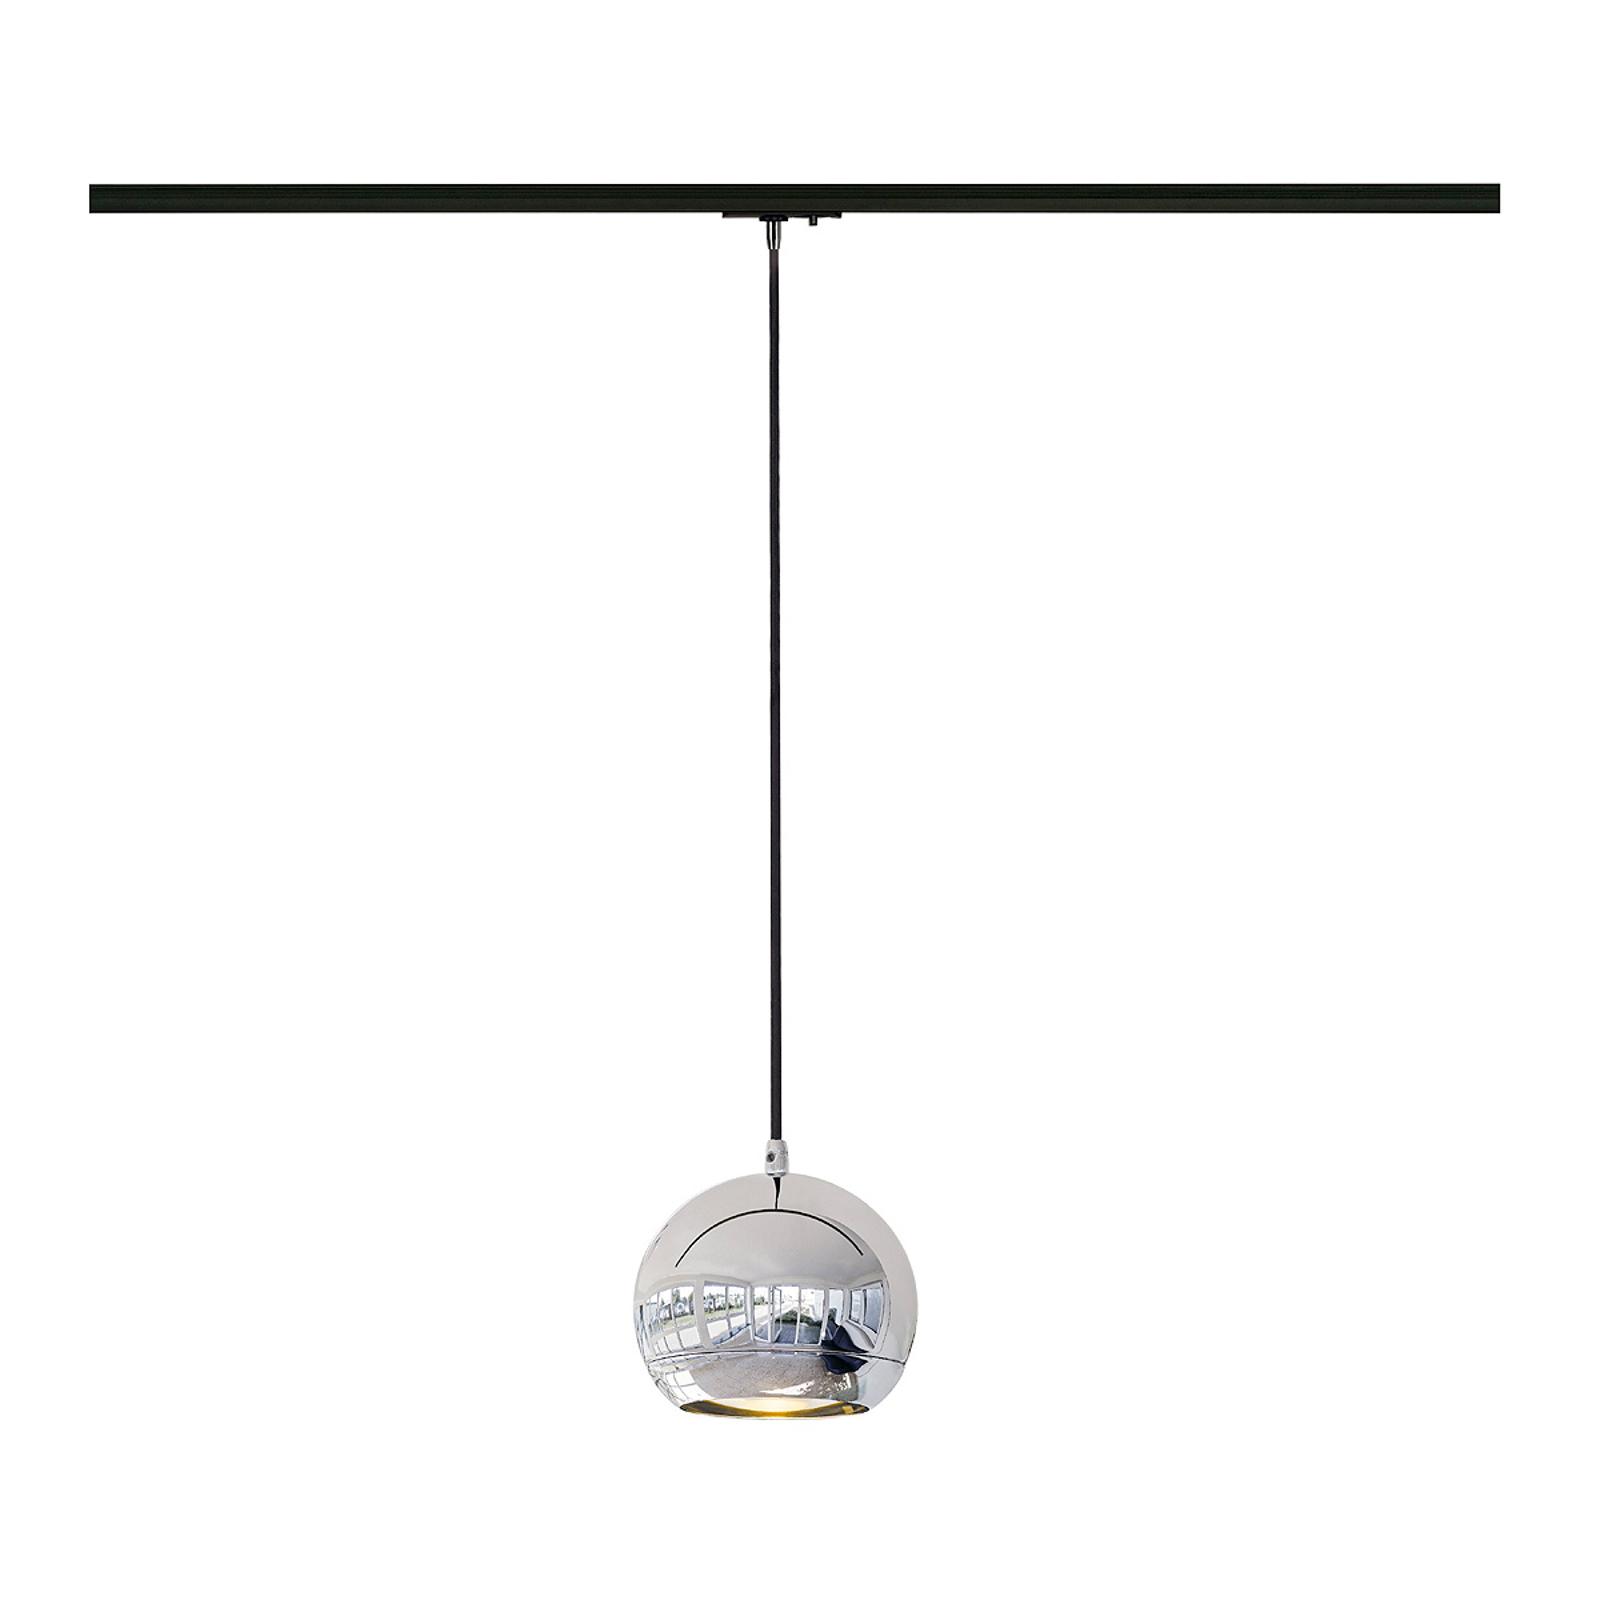 SLV Light Eye lampa wisząca do szyny 1-fazowej